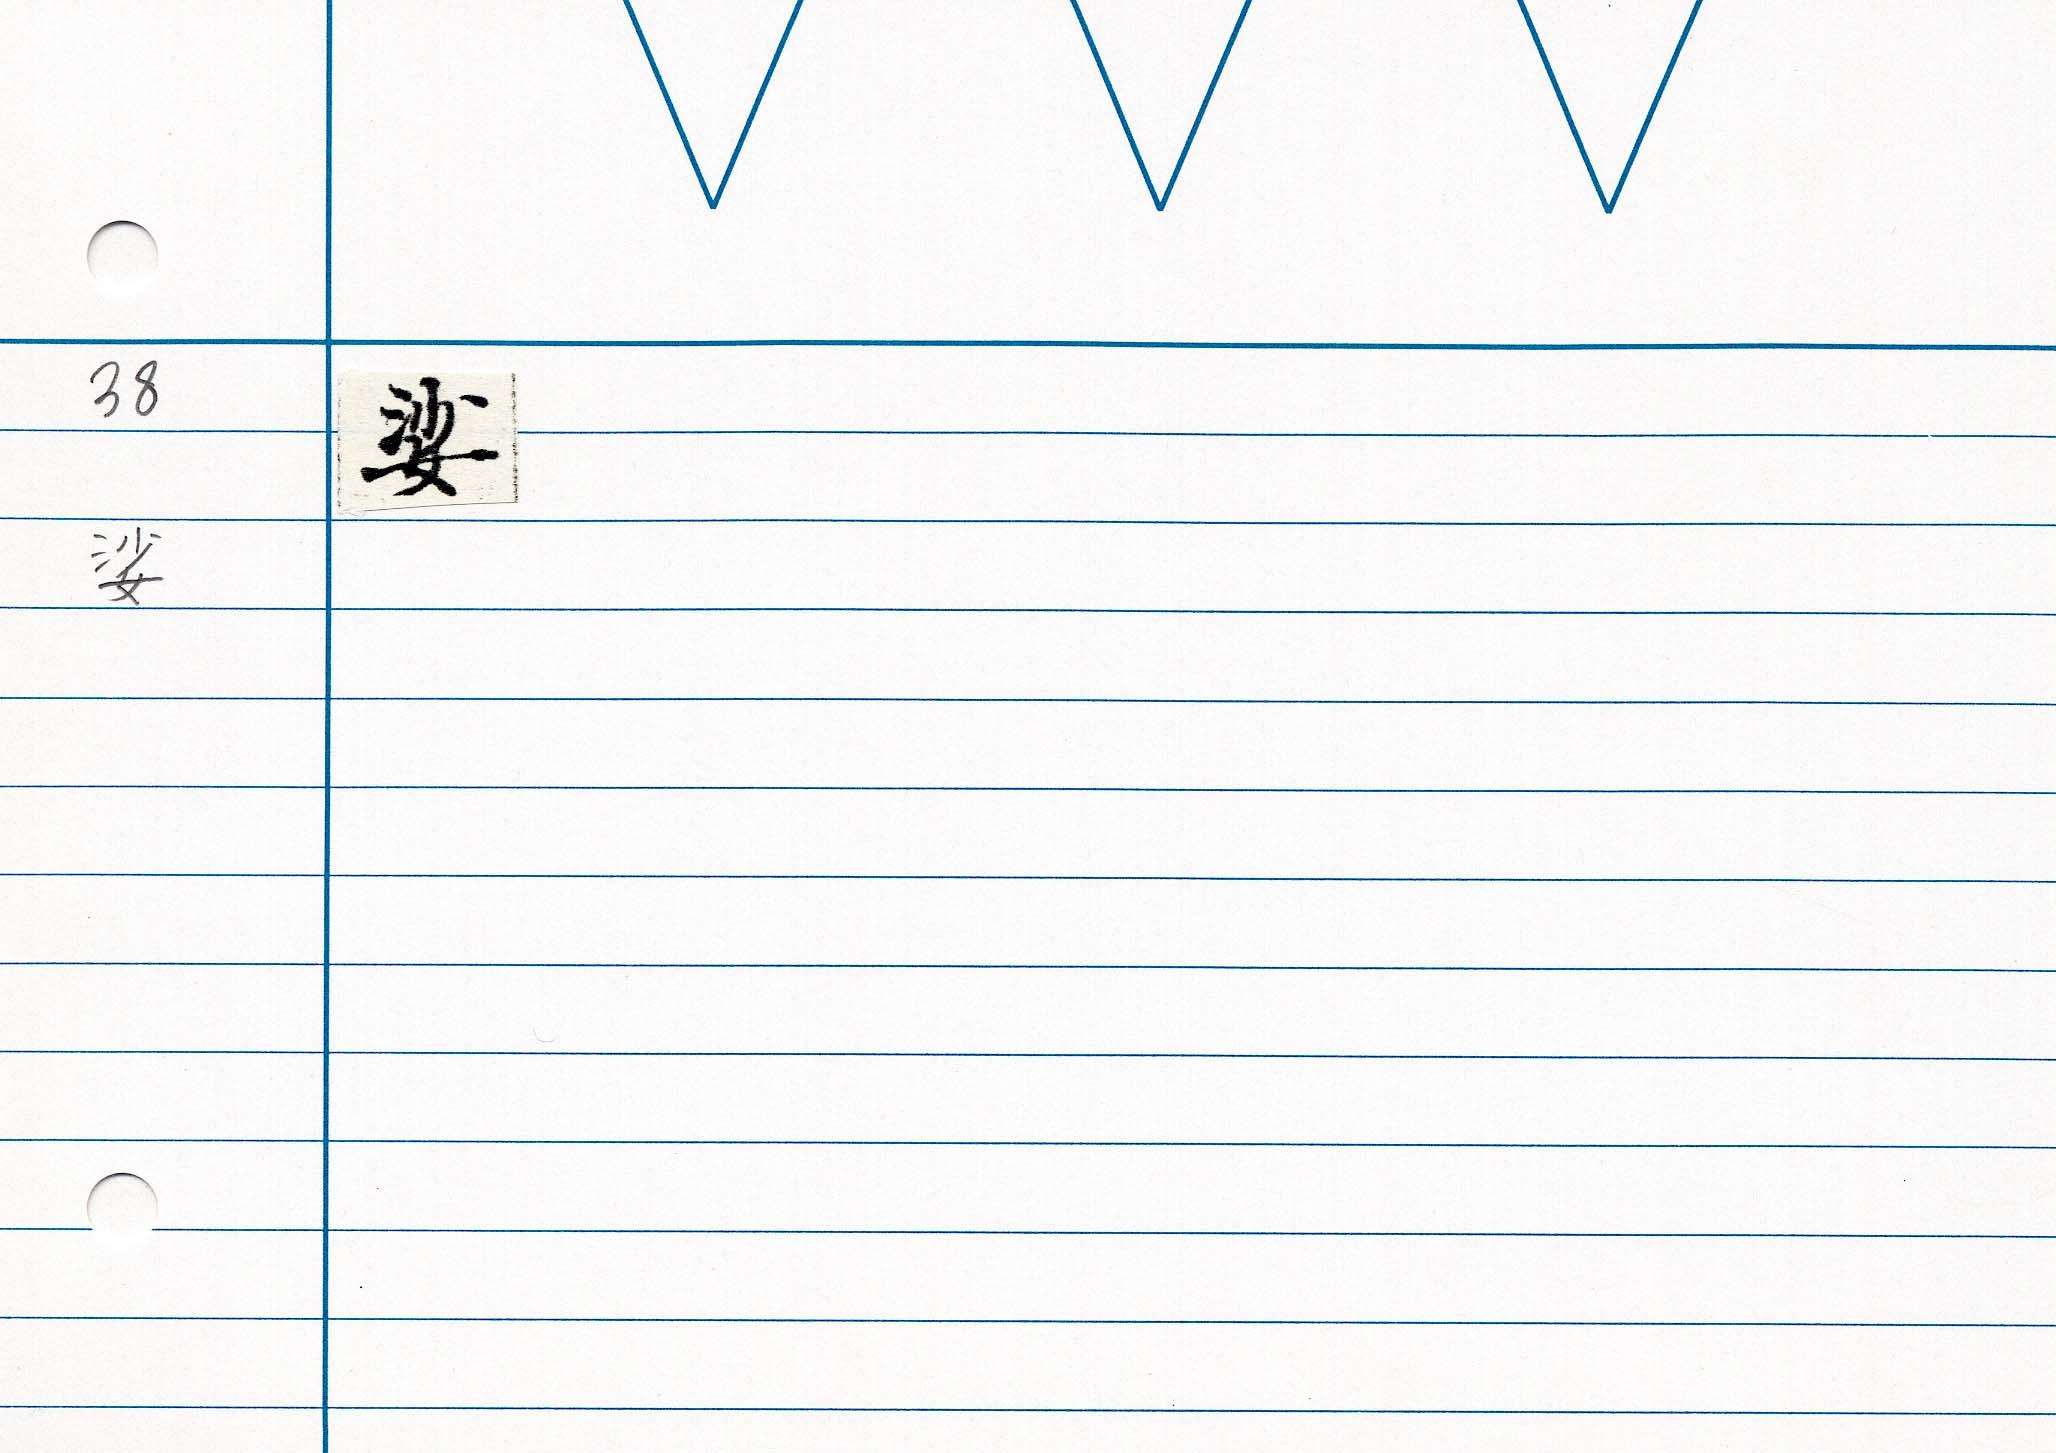 60_佛説大教王經卷一(東禪寺版日本寫本)/cards/0064.jpg